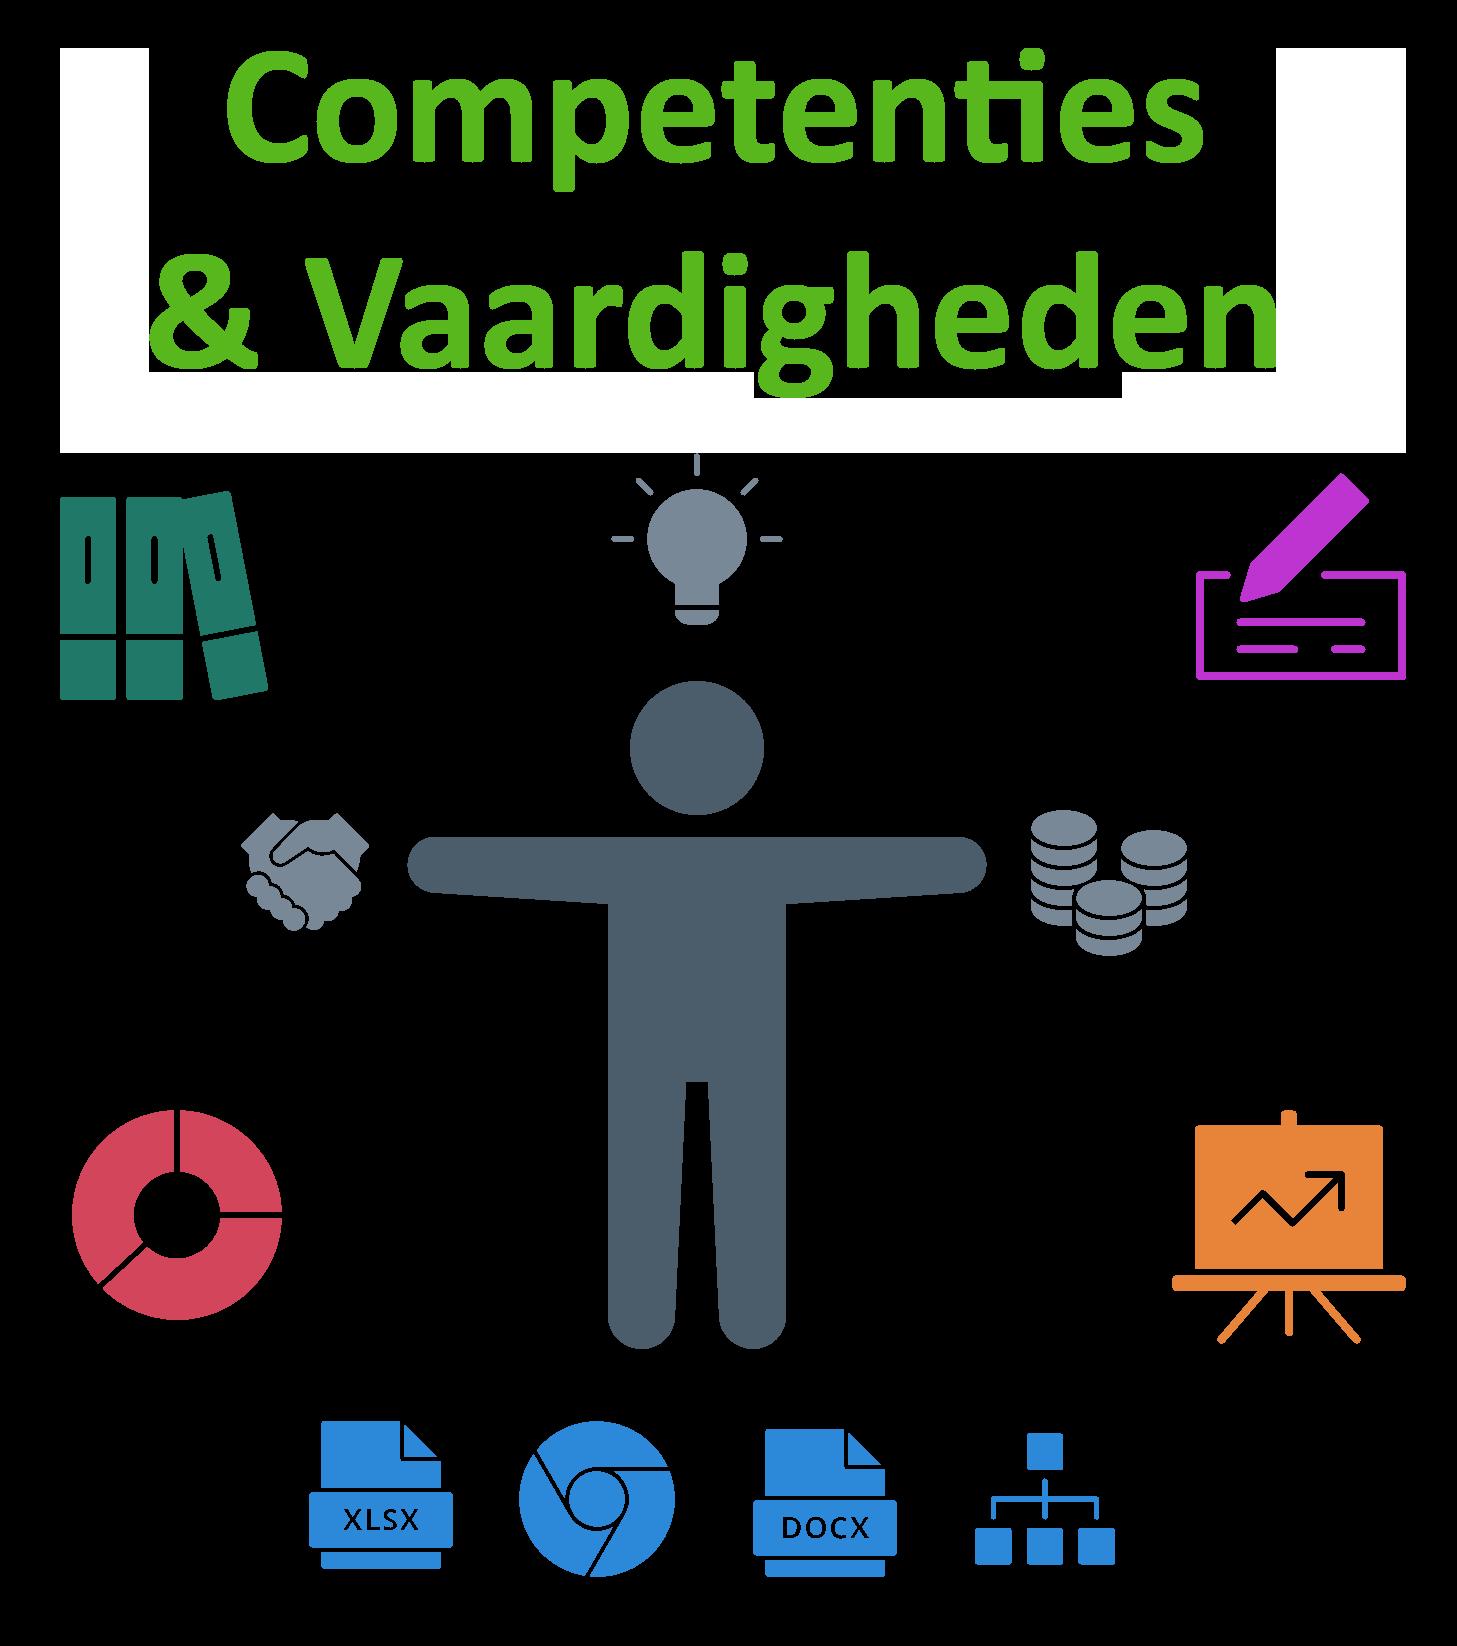 competenties vaardigheden